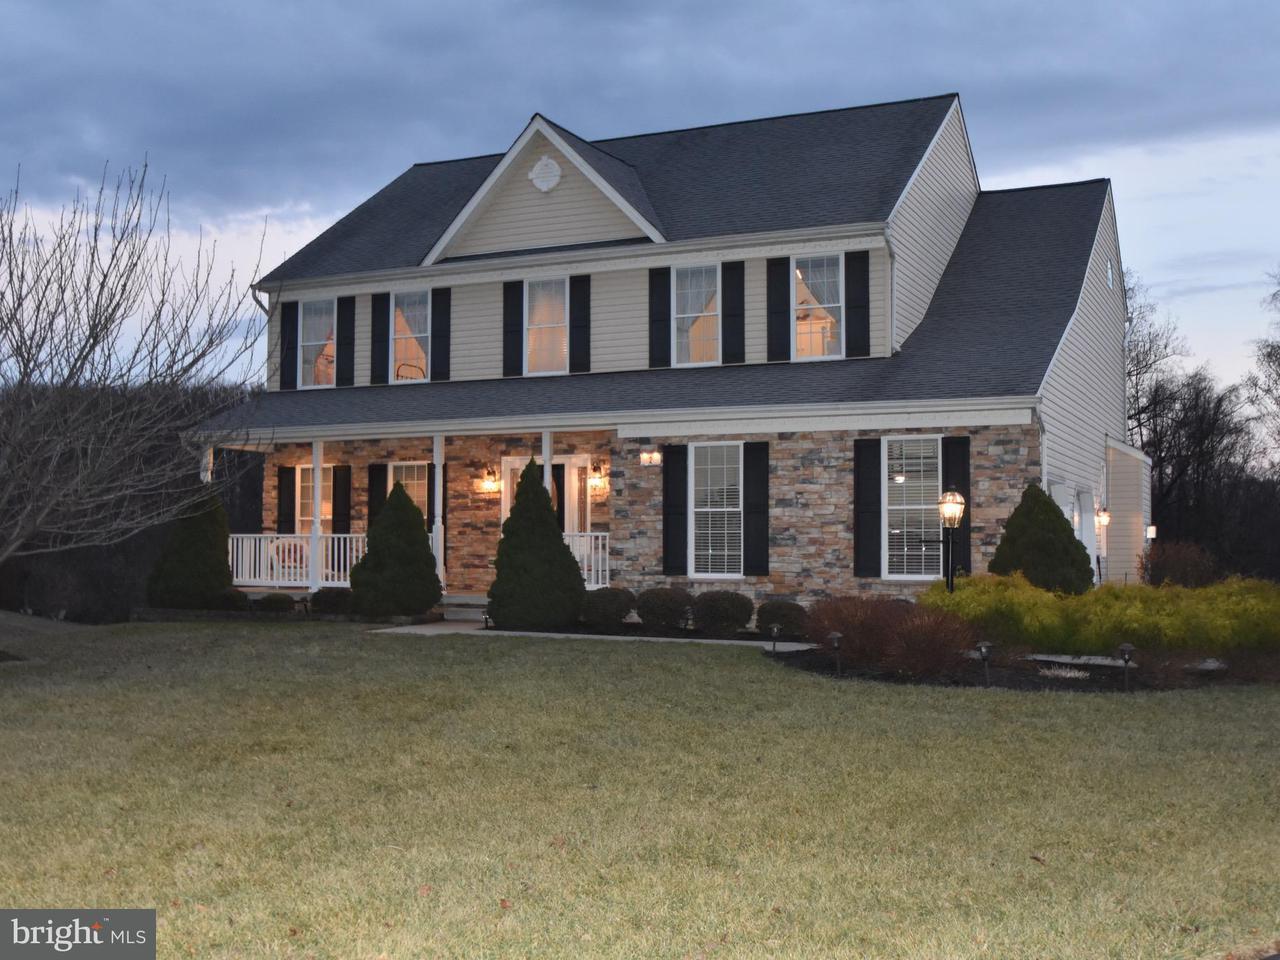 Maison unifamiliale pour l Vente à 2 Harford View Drive 2 Harford View Drive Port Deposit, Maryland 21904 États-Unis